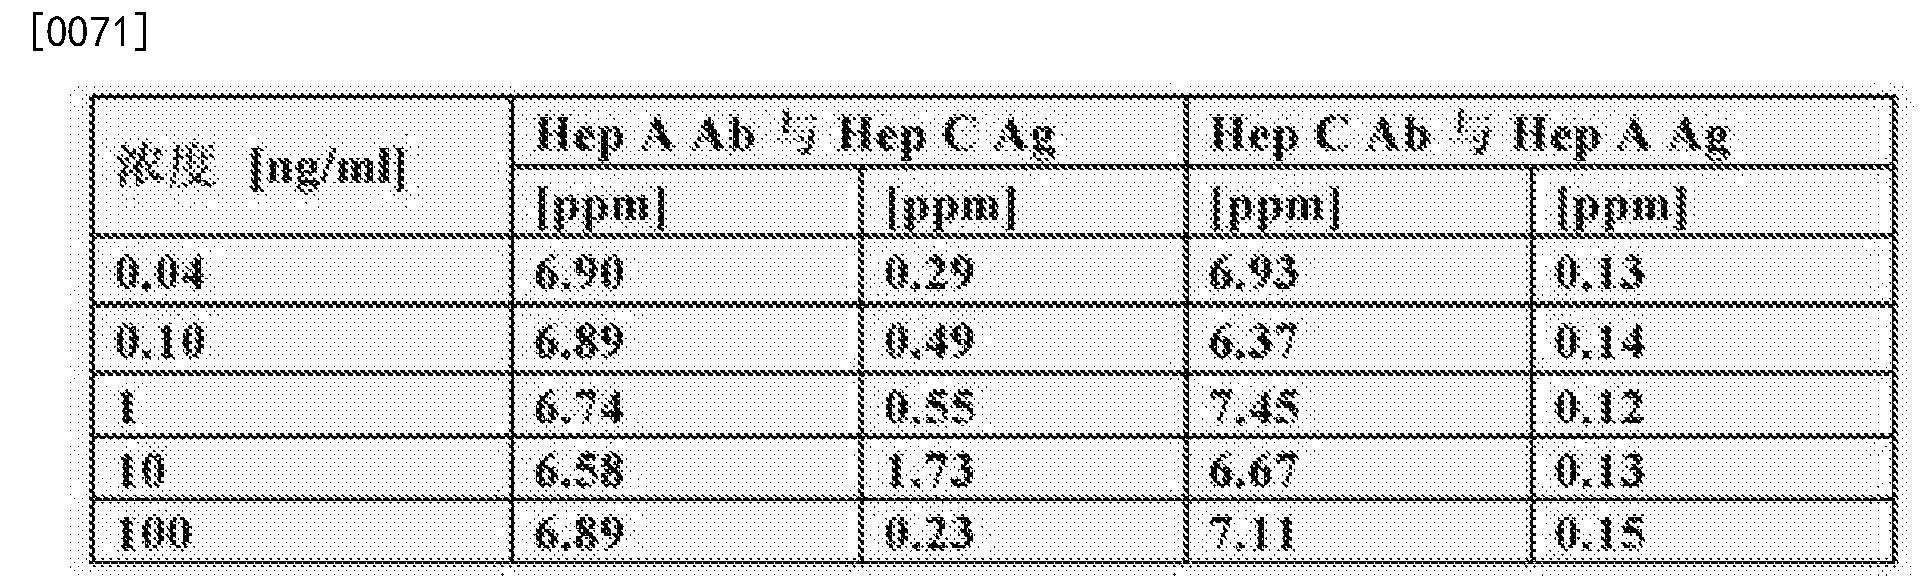 Figure CN103430018BD00122